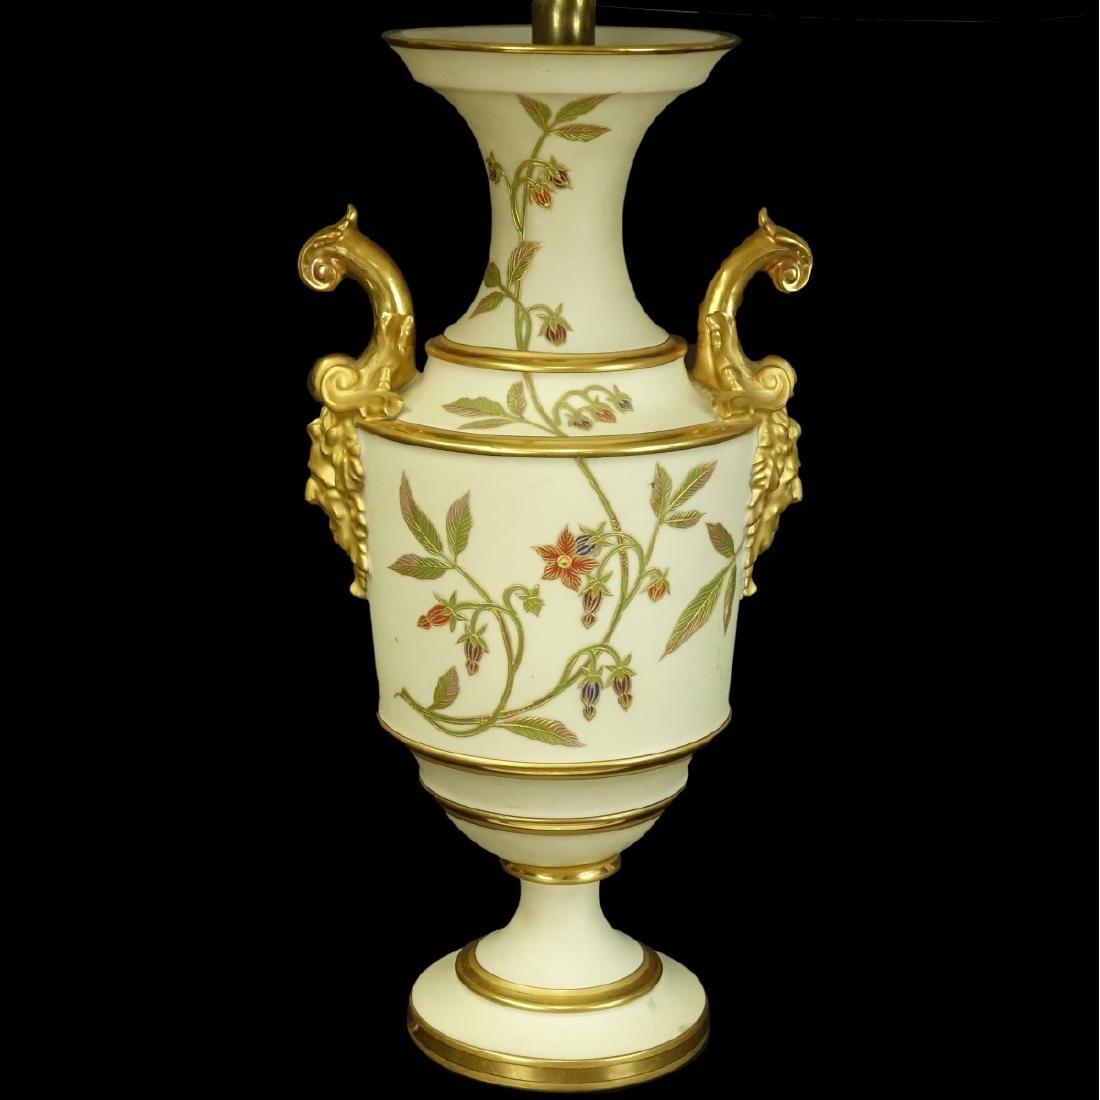 Royal Worcester style Porcelain Urn Lamp